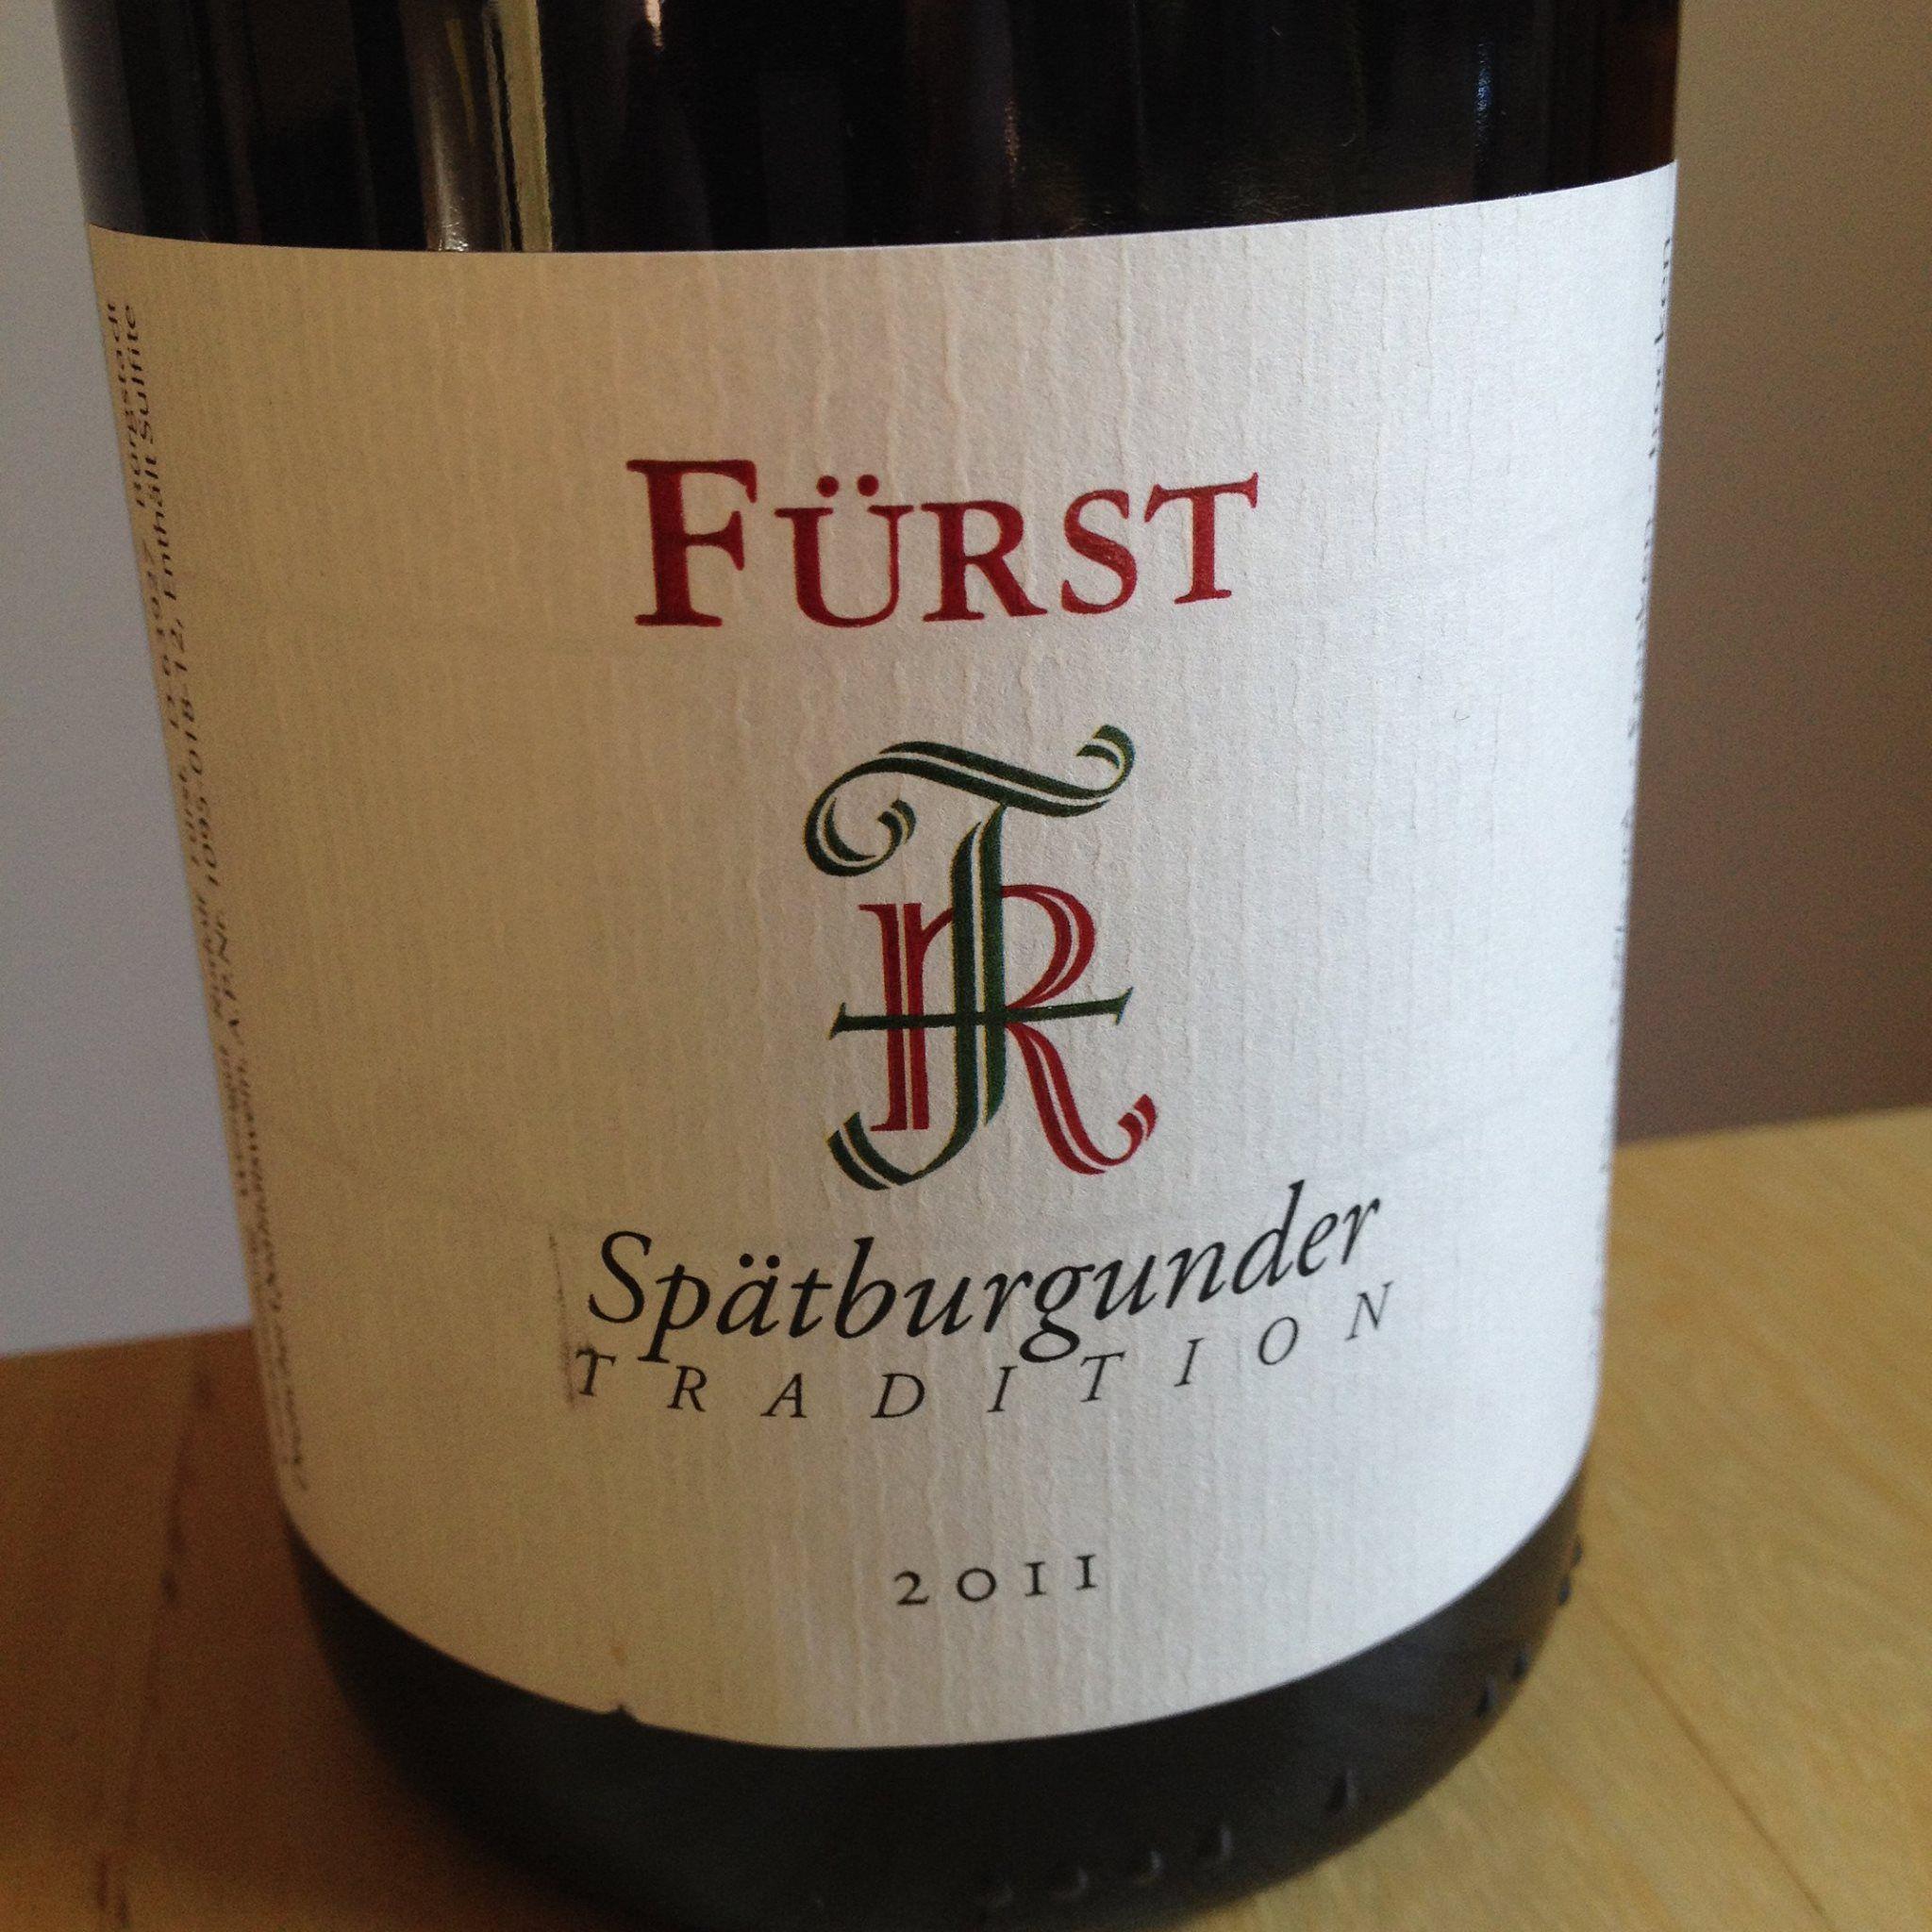 Rudolf Fürst  2011 Spätburgunder Tradition  Franken  Ein geschmeidiger, feiner und doch frischer Wein! 13,5%alc./   #wein #weinerleben